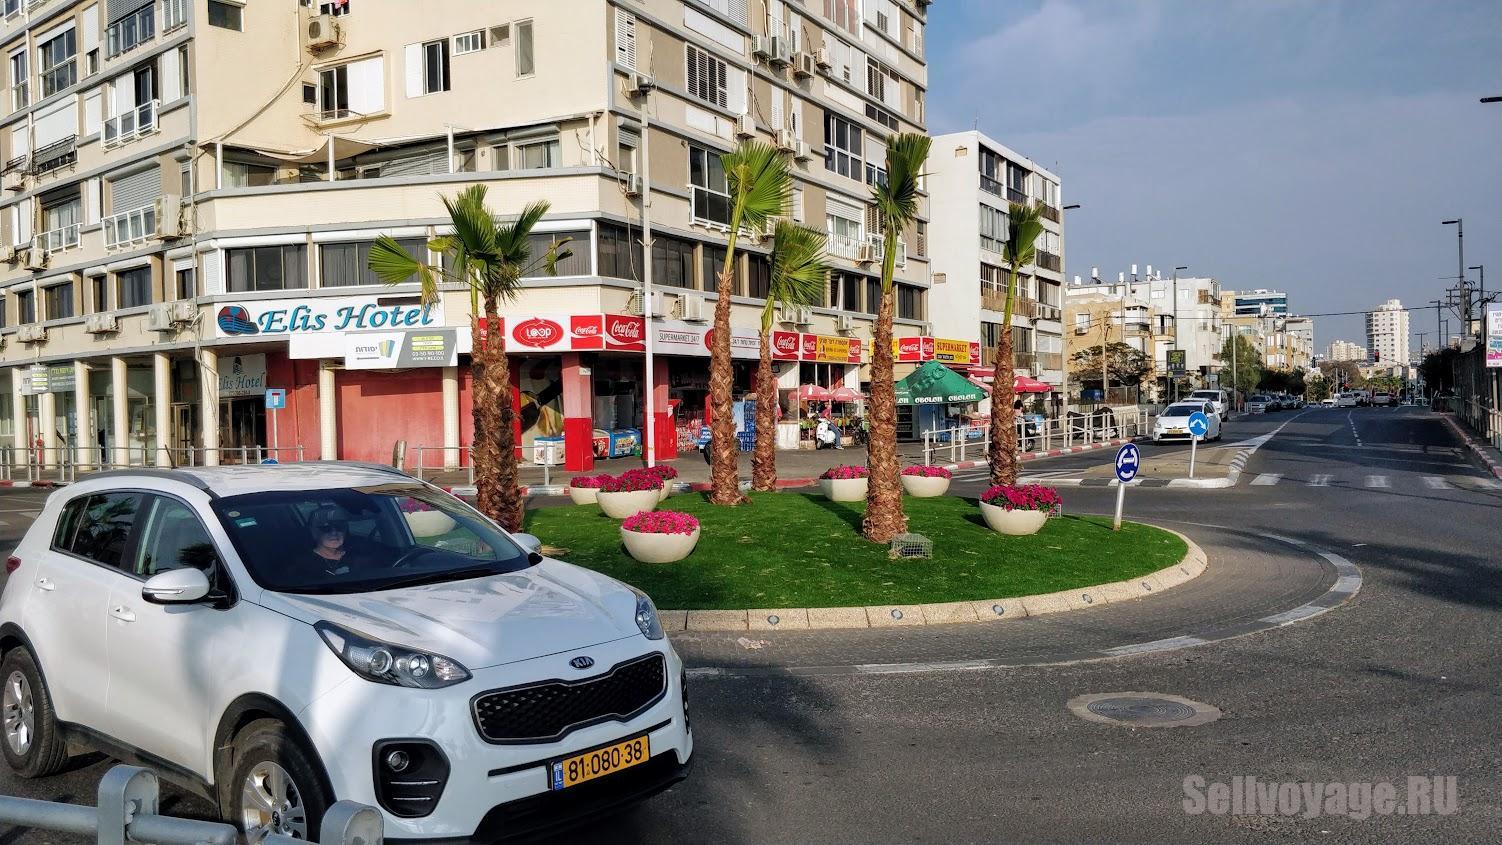 Форум доставка цветов израиль бат ям